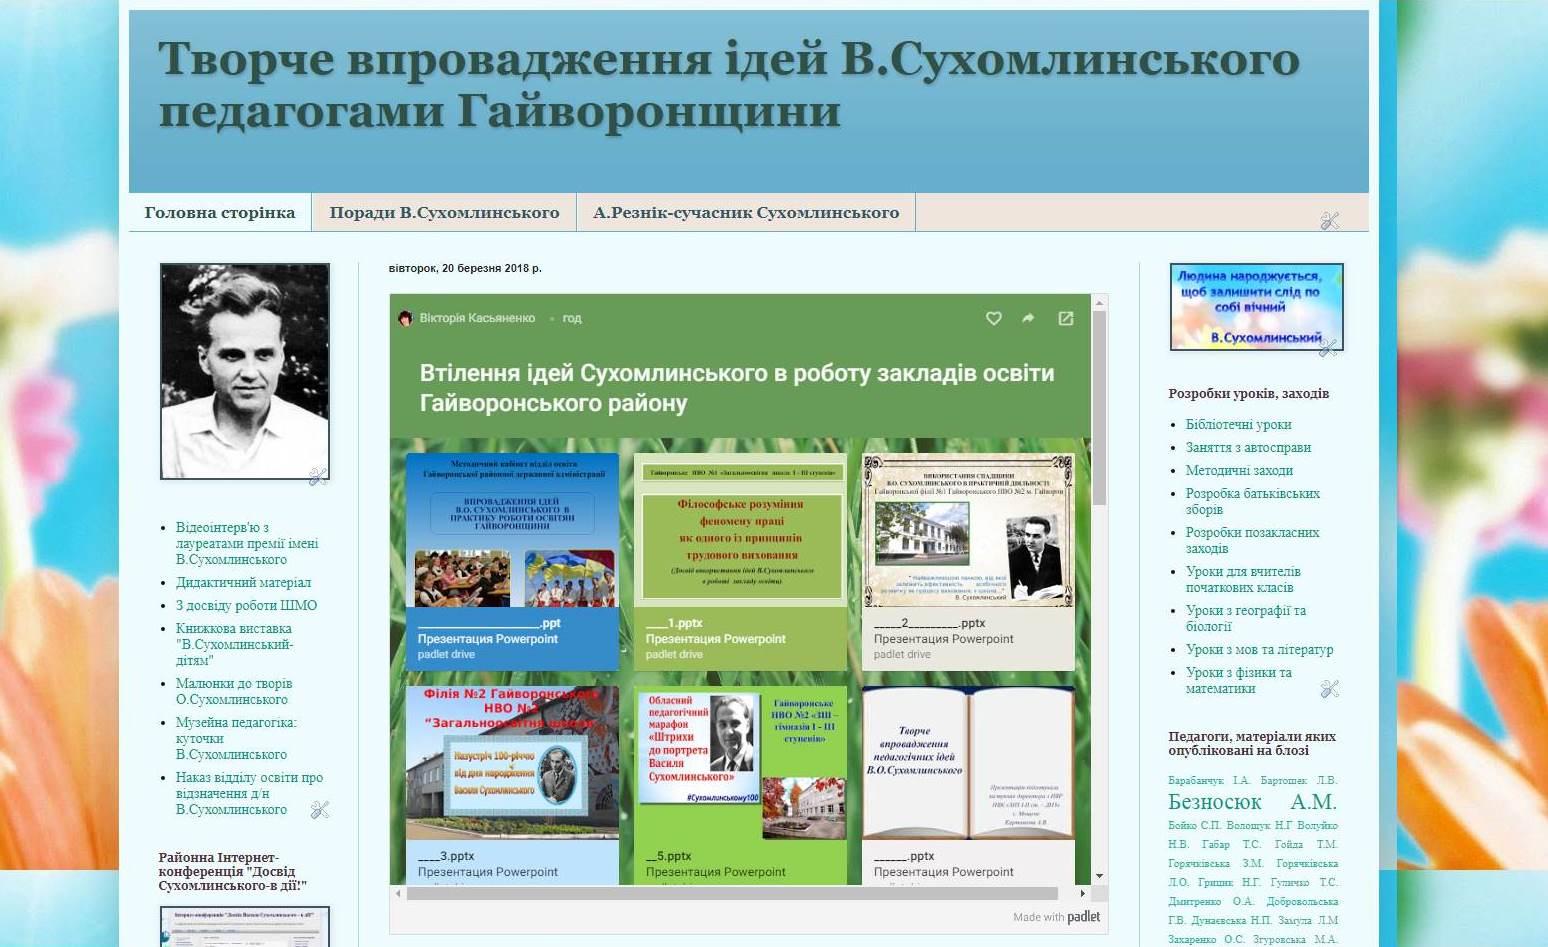 """Блог """"Творче впровадження ідей В.Сухомлинського педагогами Гайворонщини"""""""